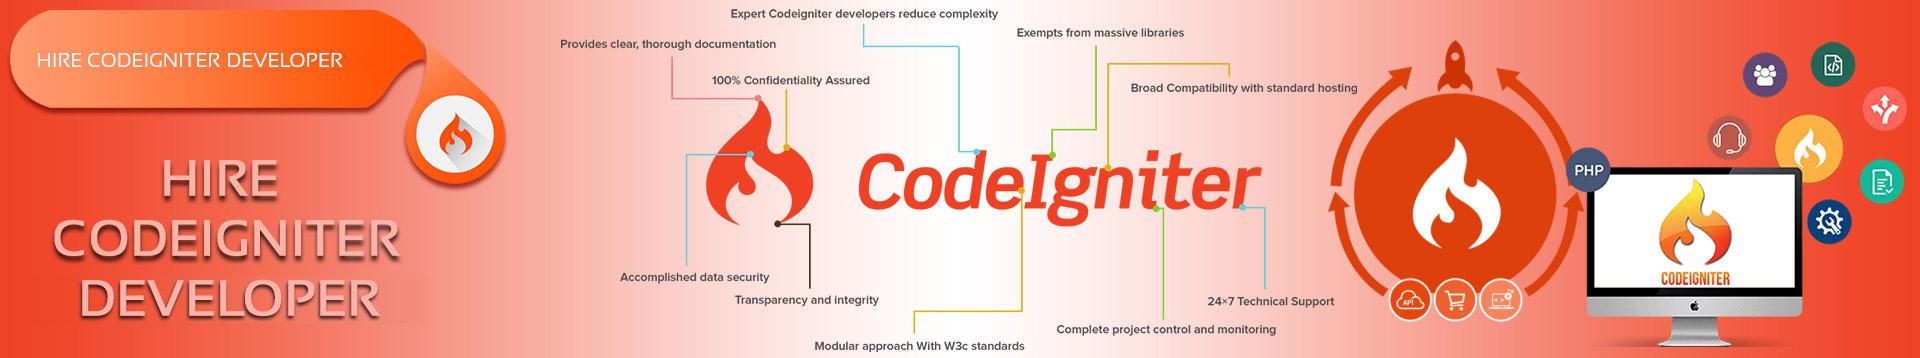 Hire CodeIgniter developer | Codeigniter development | Crest